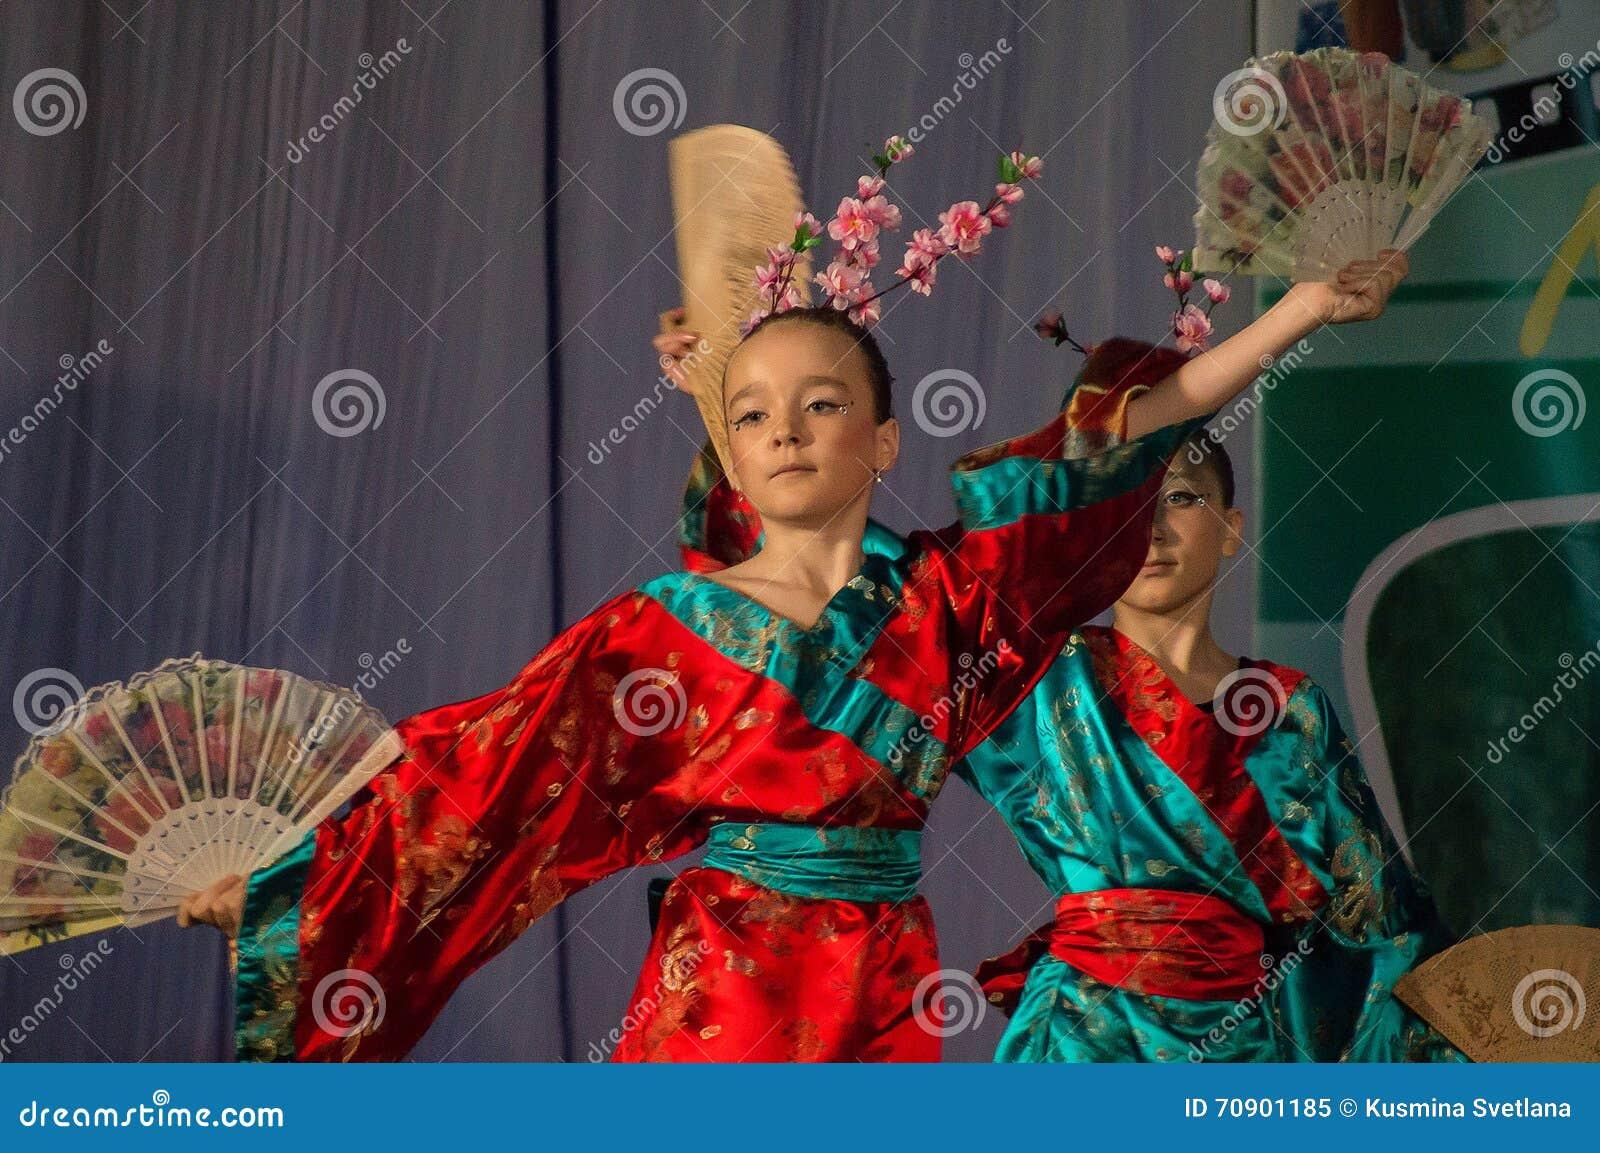 Dancing in Kaluga 23